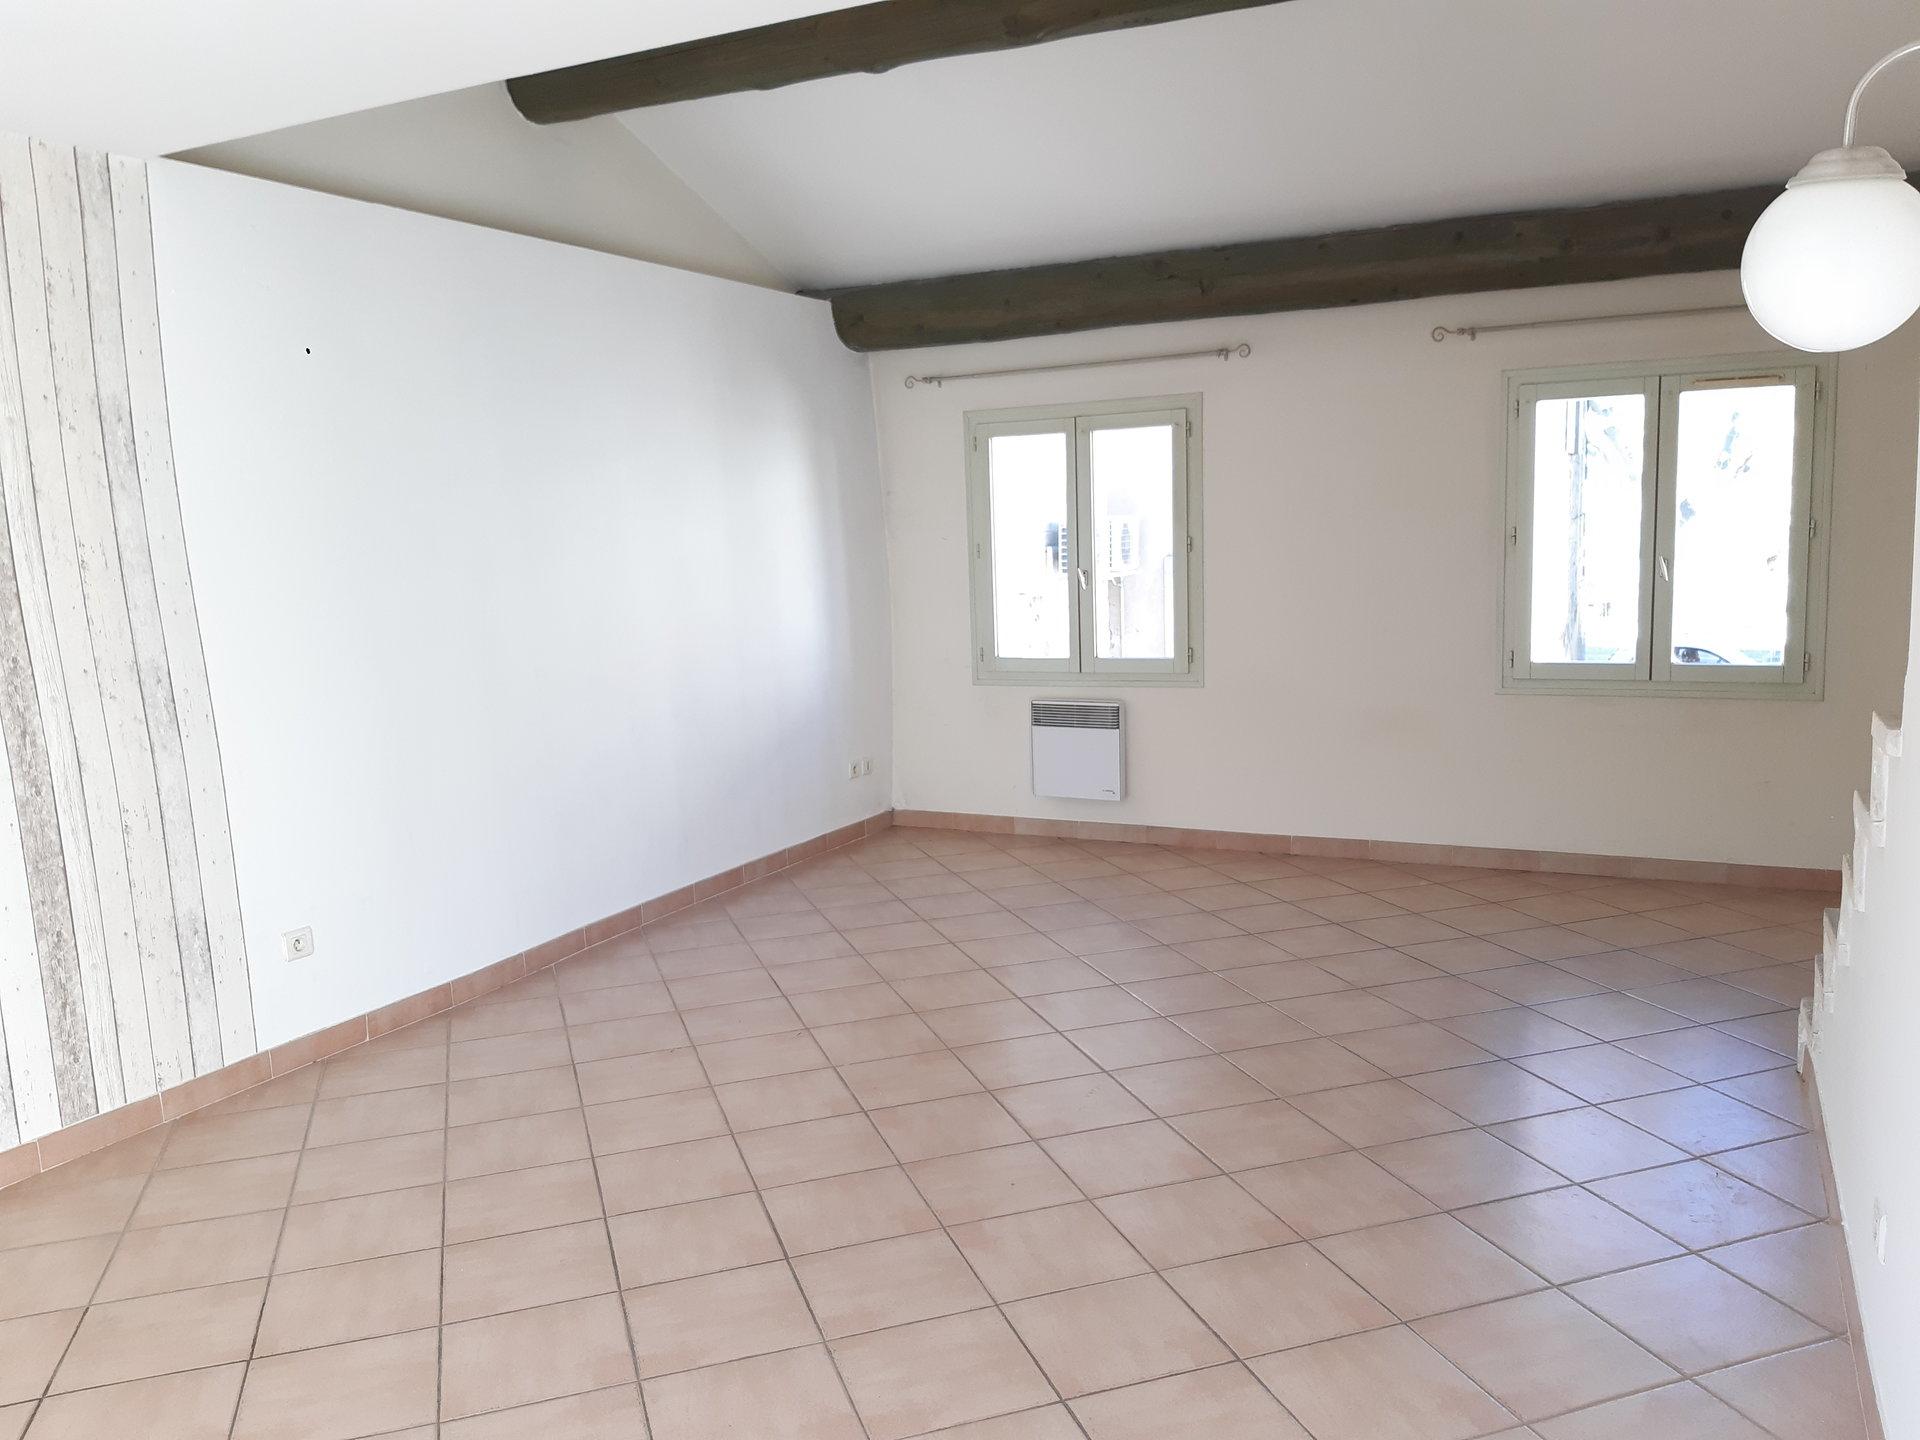 Location Maison MAUSSANE-LES-ALPILLES séjour de 22.77 m²